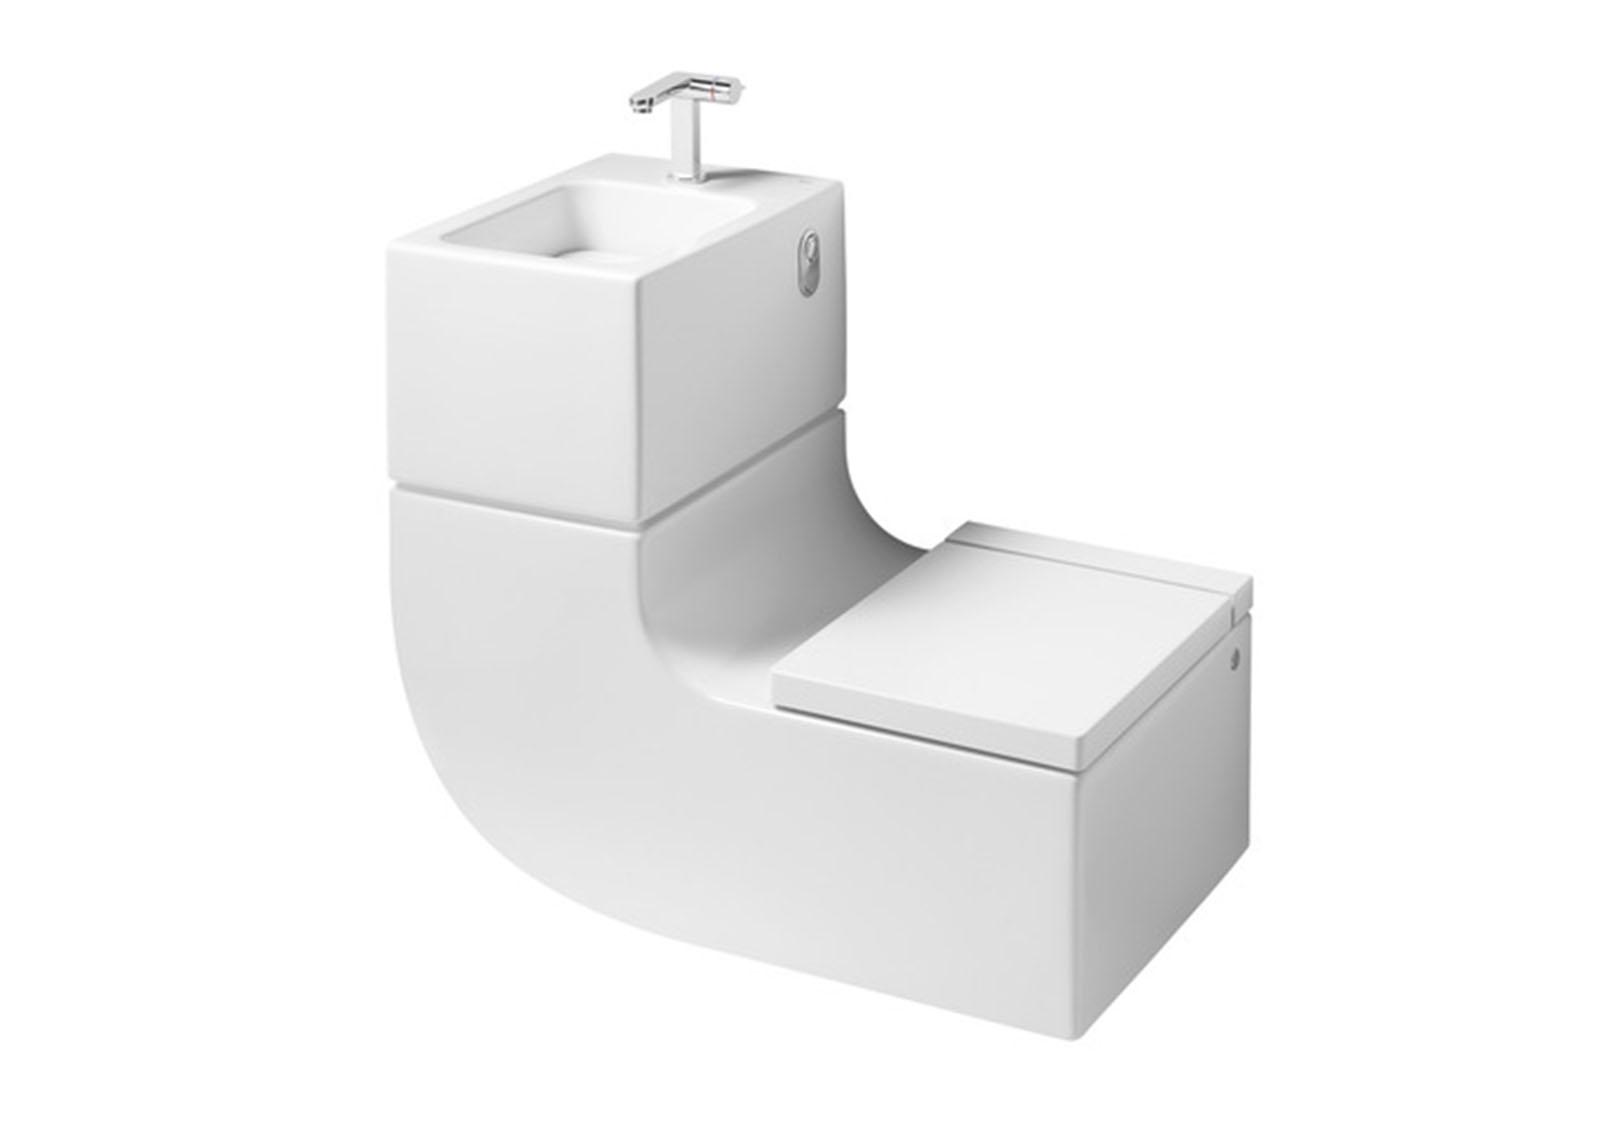 Amenagement salle de bain petit espace viving for Amenagement salle de bain petit espace